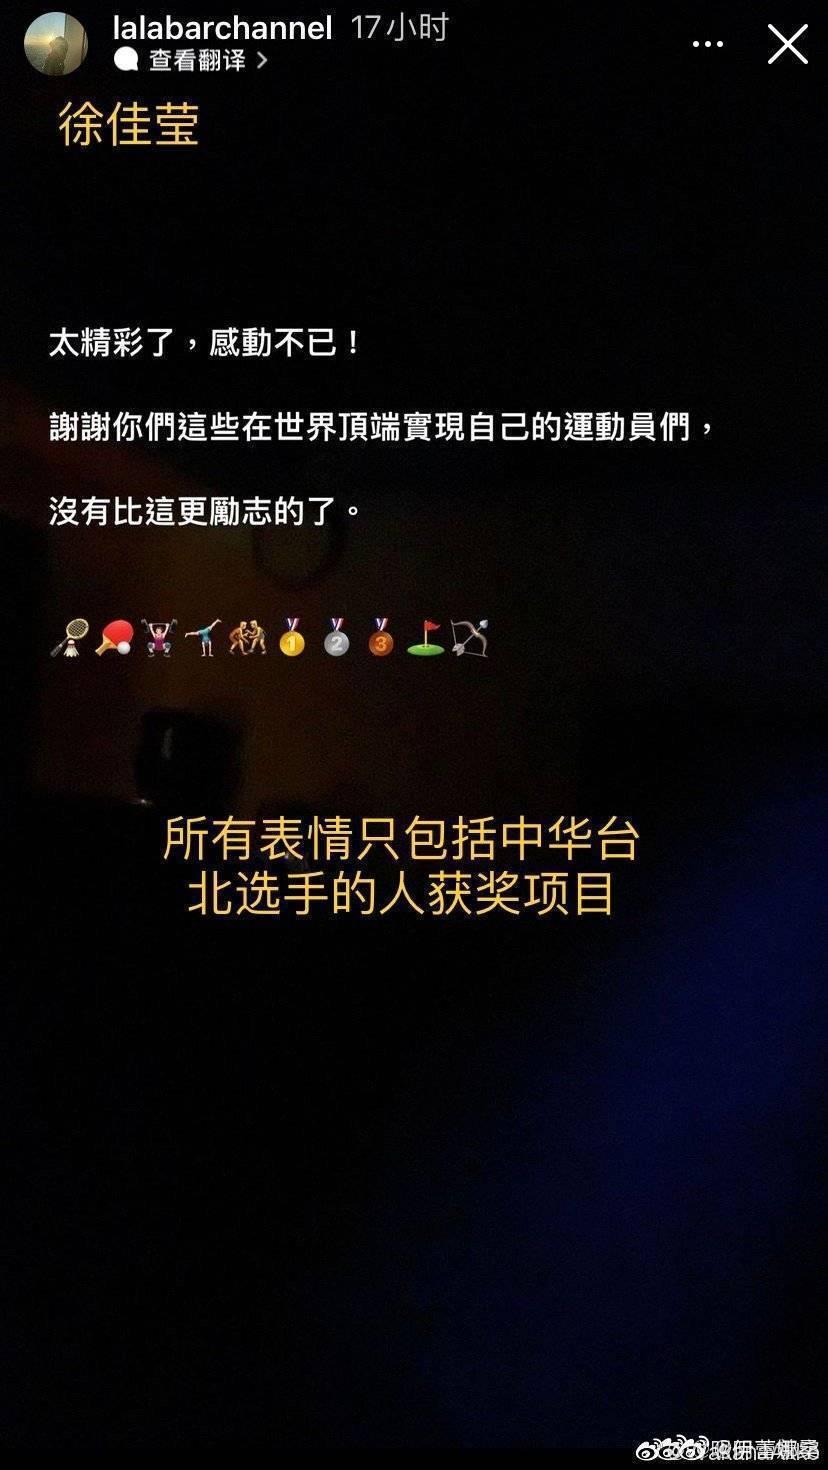 徐佳瑩抒發感想也被牽連。 圖/擷自微博